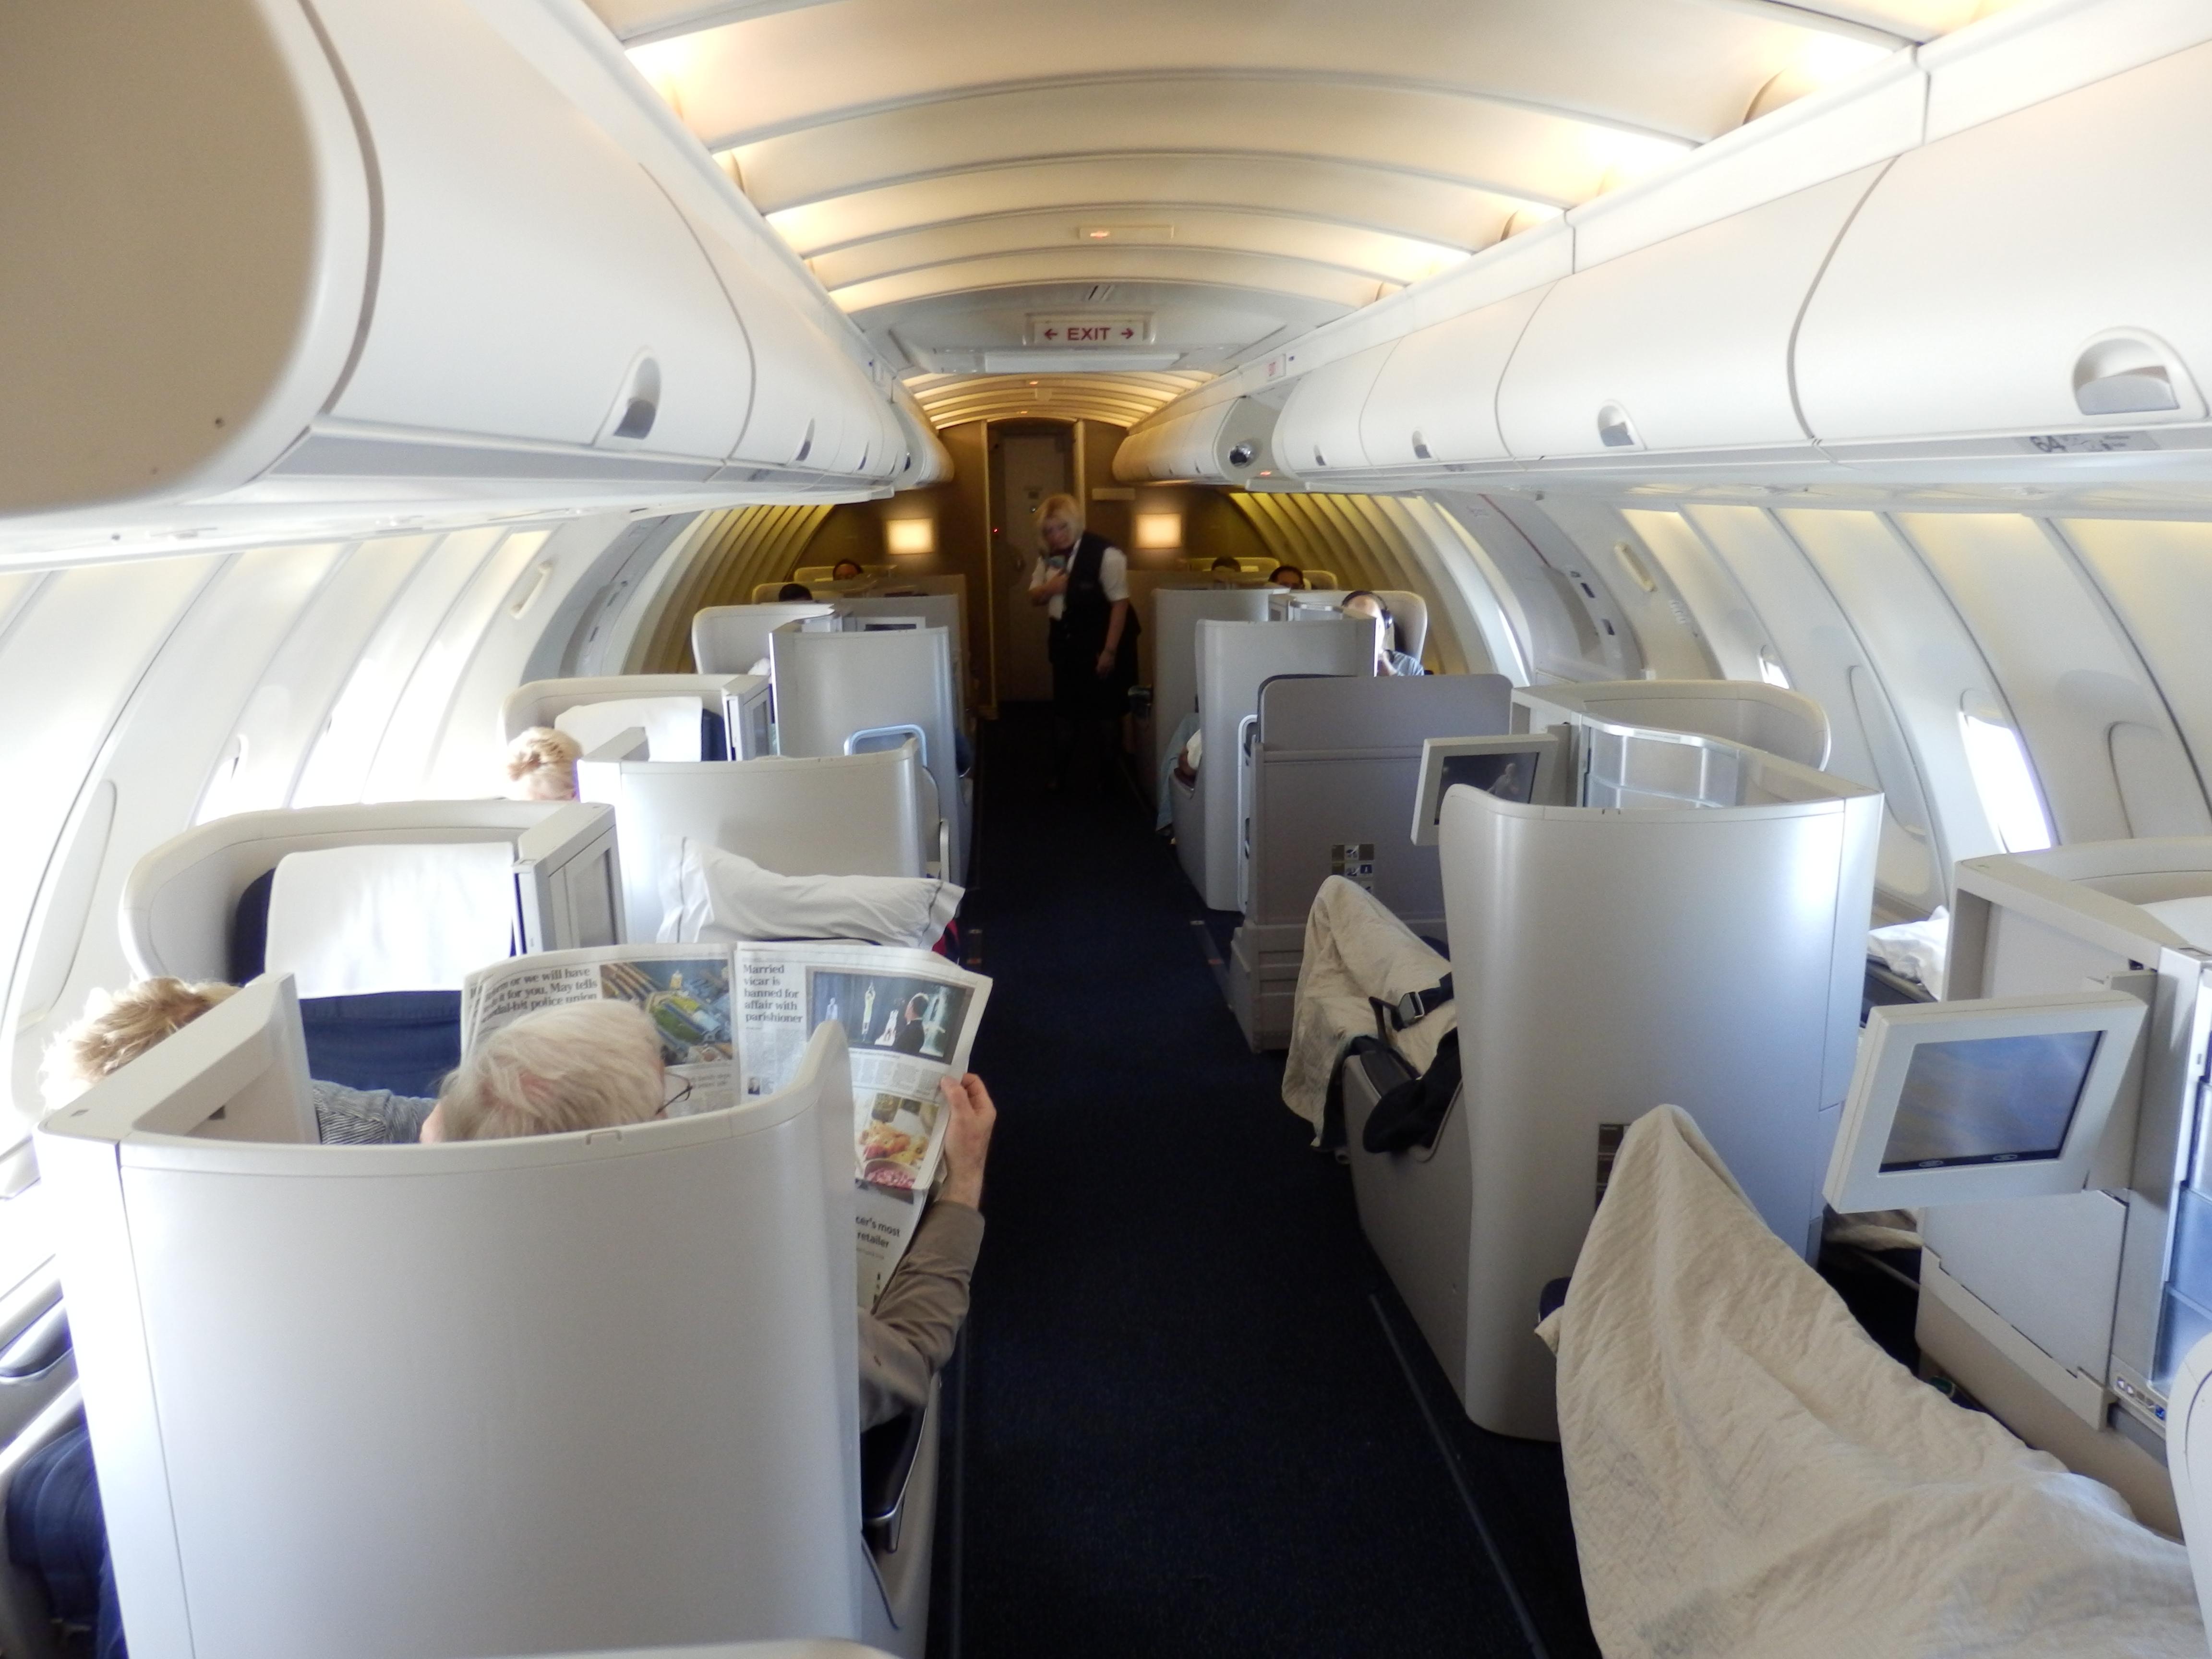 British Airways B747 Business Class Lhr Sfo Upper Cabin